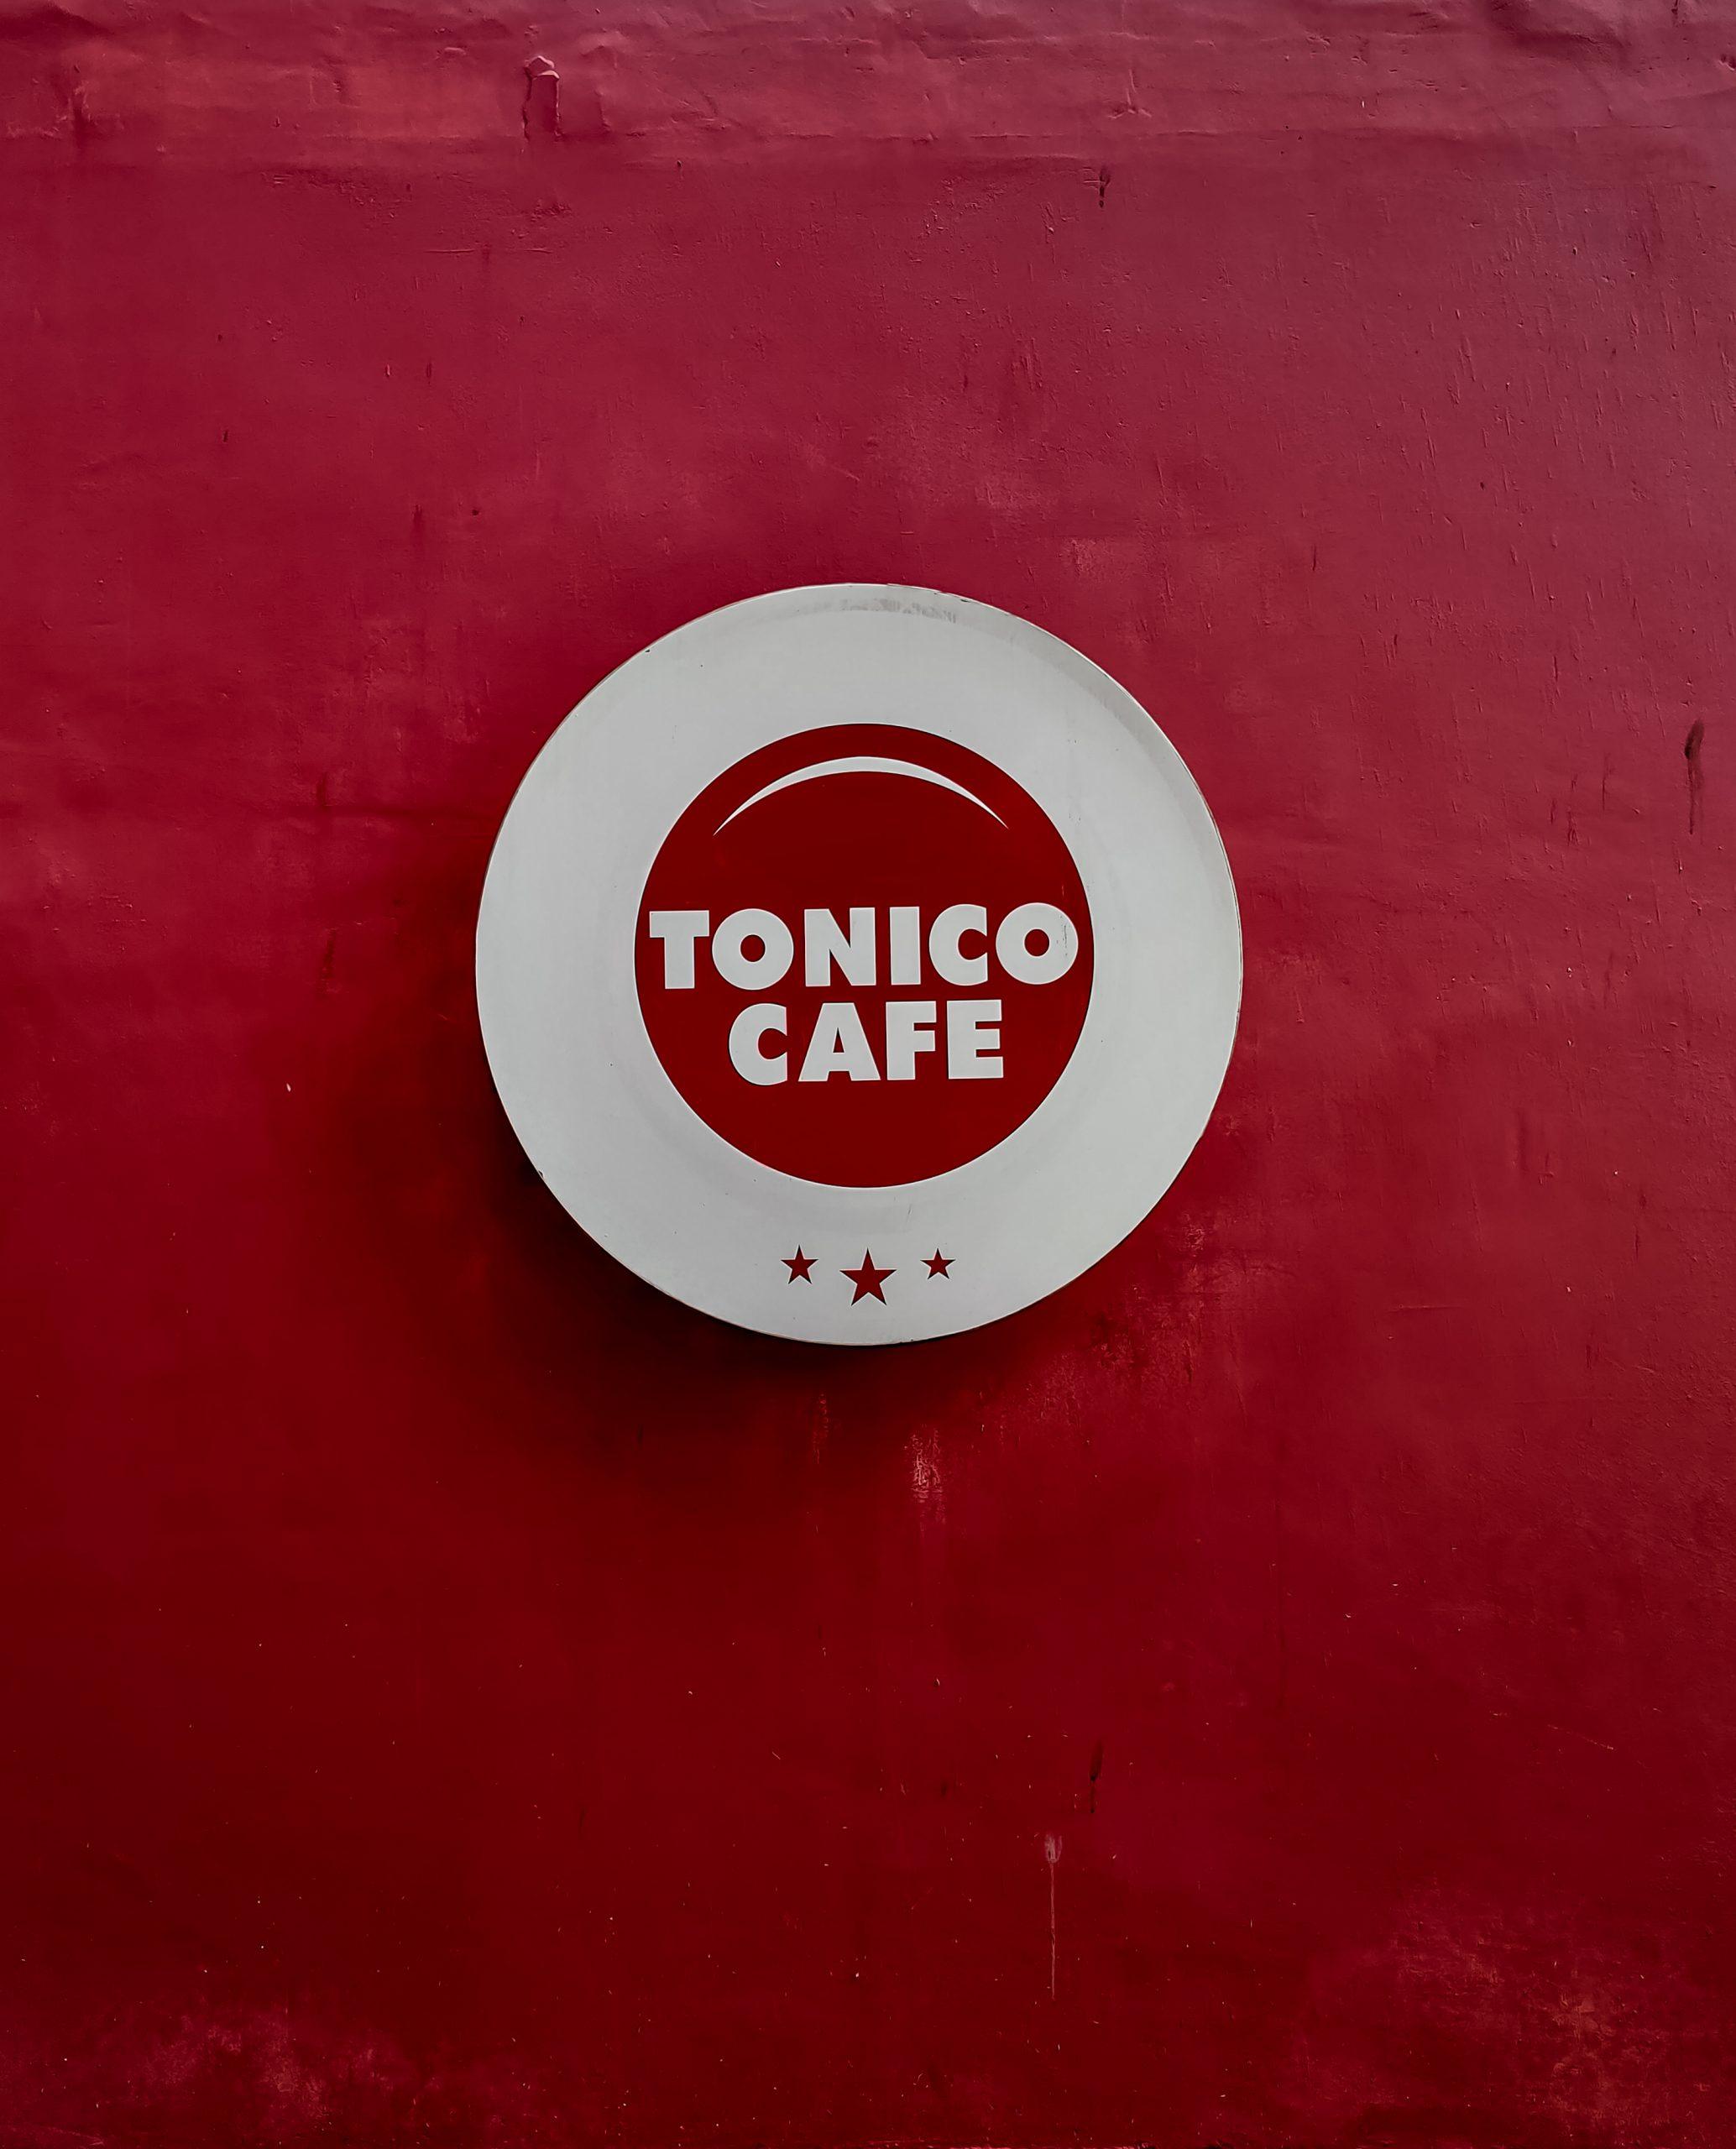 Tonico Cafe logo